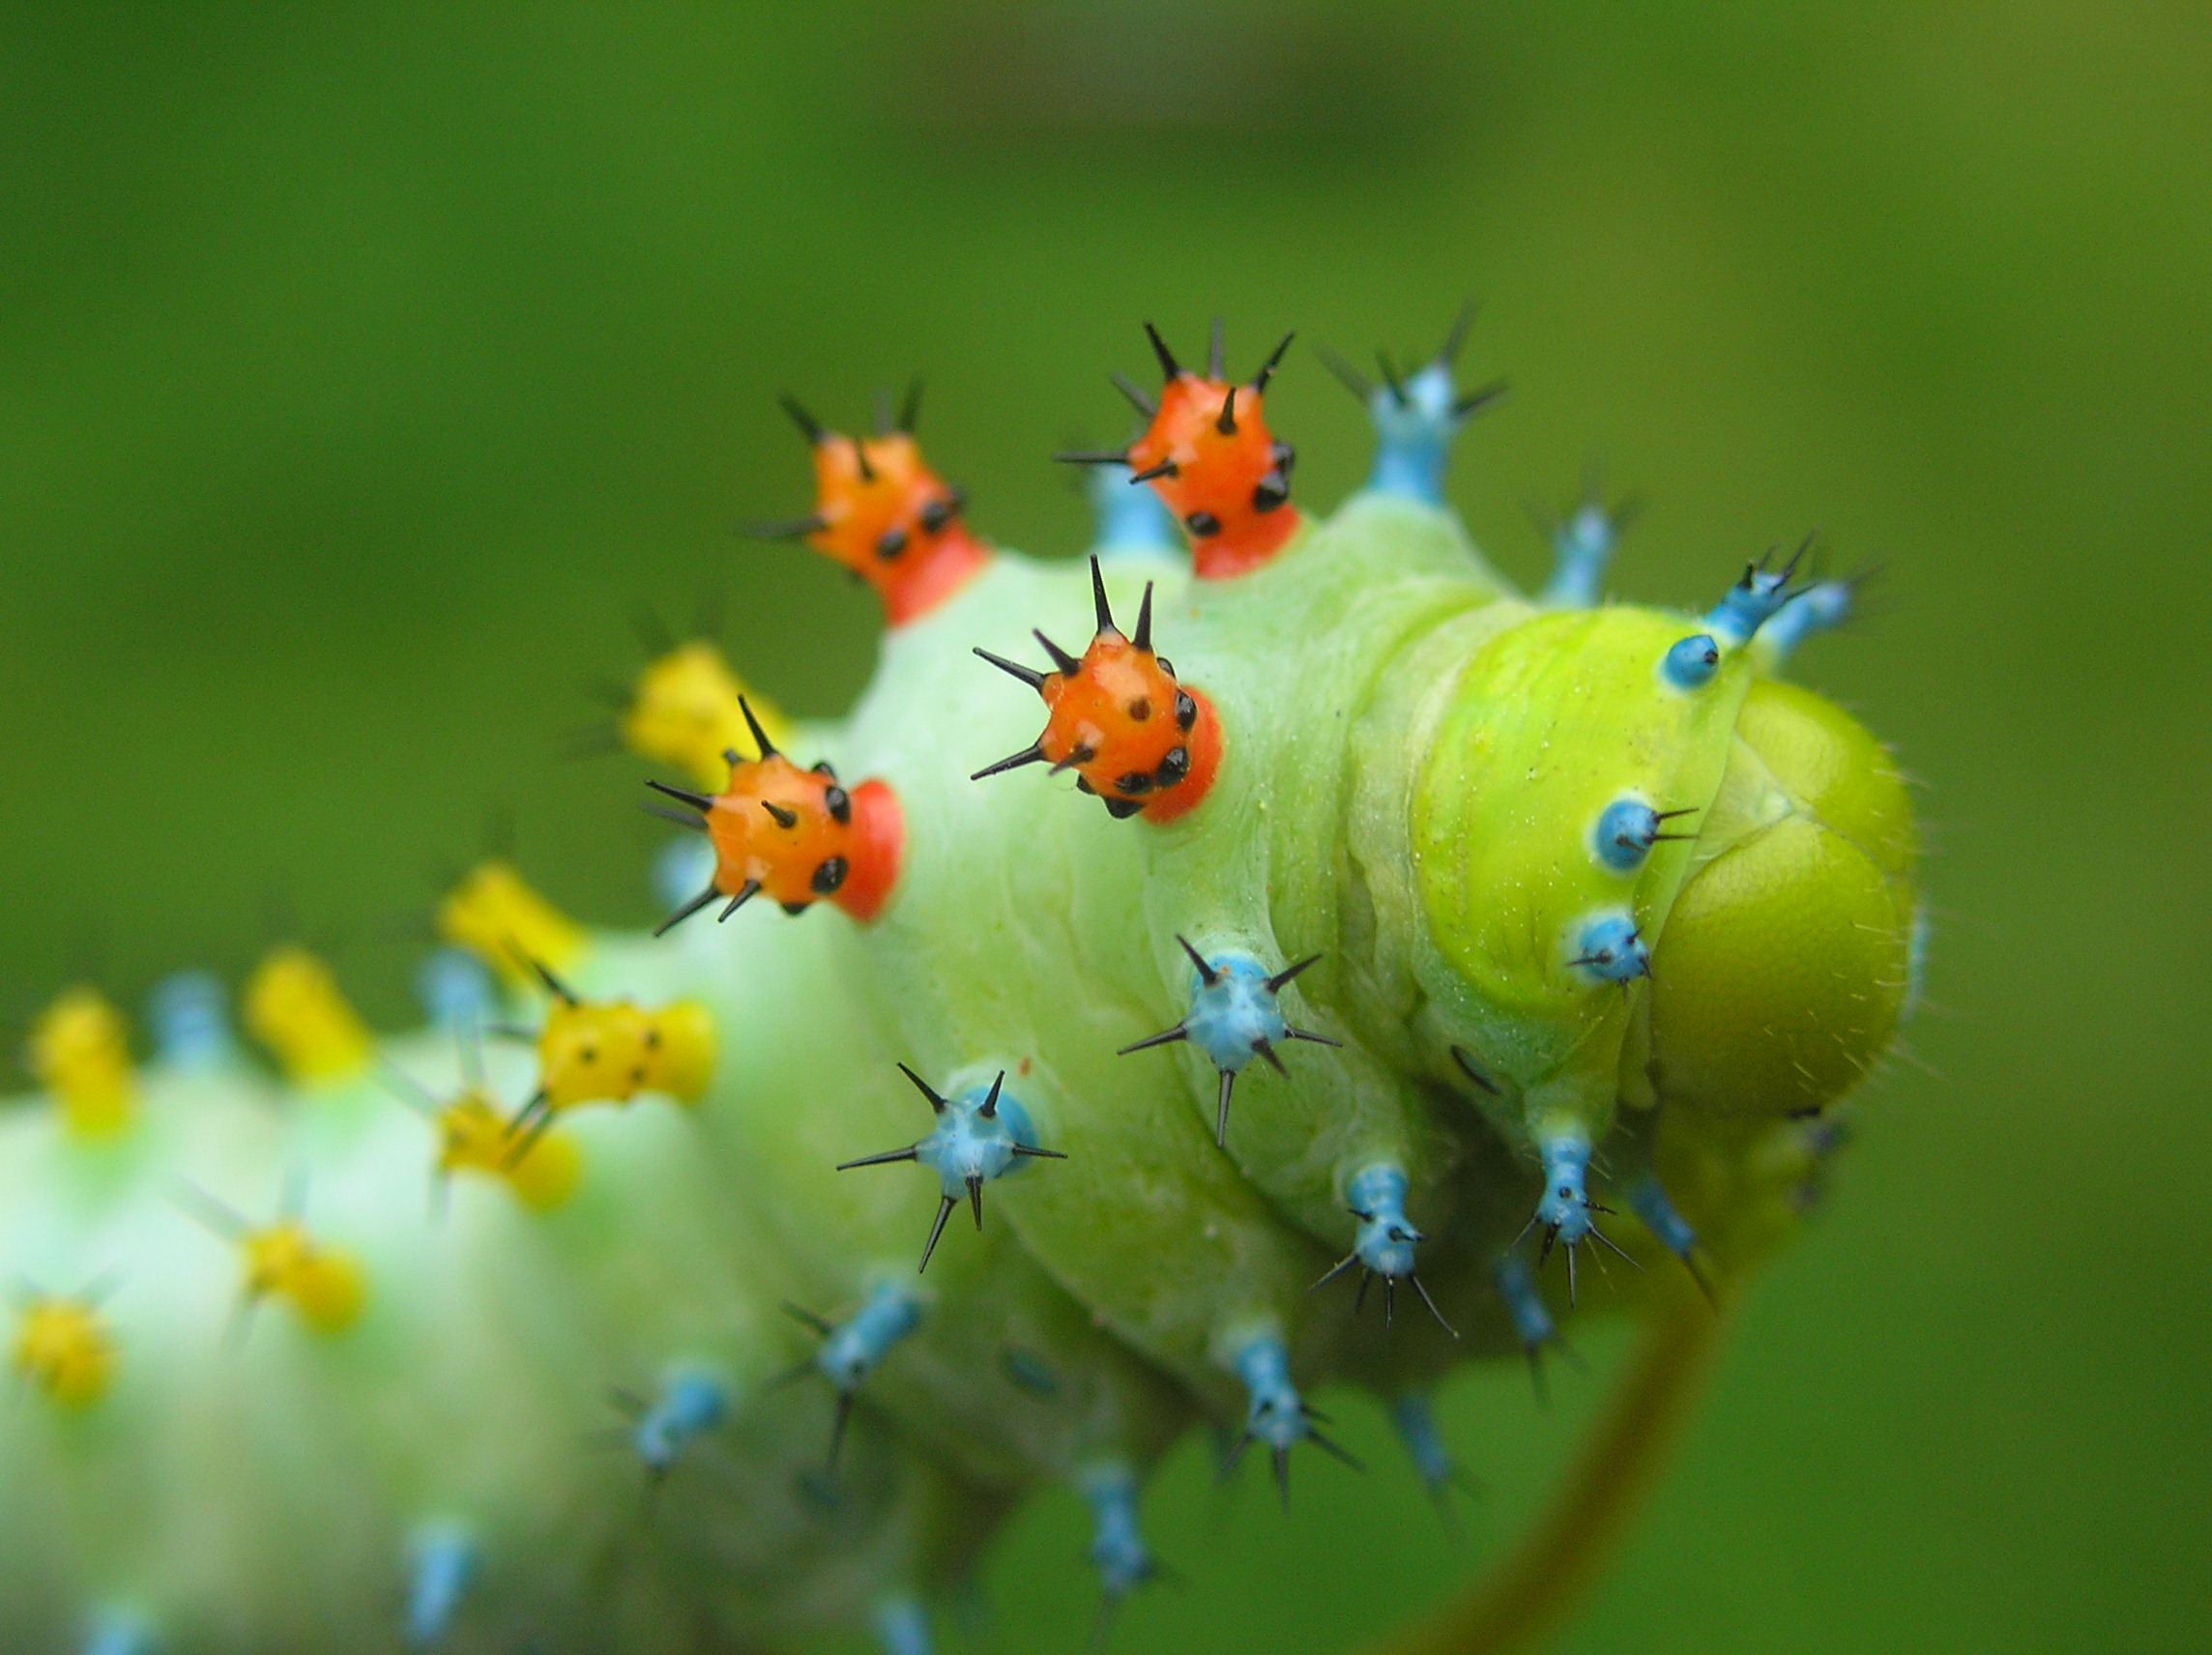 caterpillar wallpaper hd